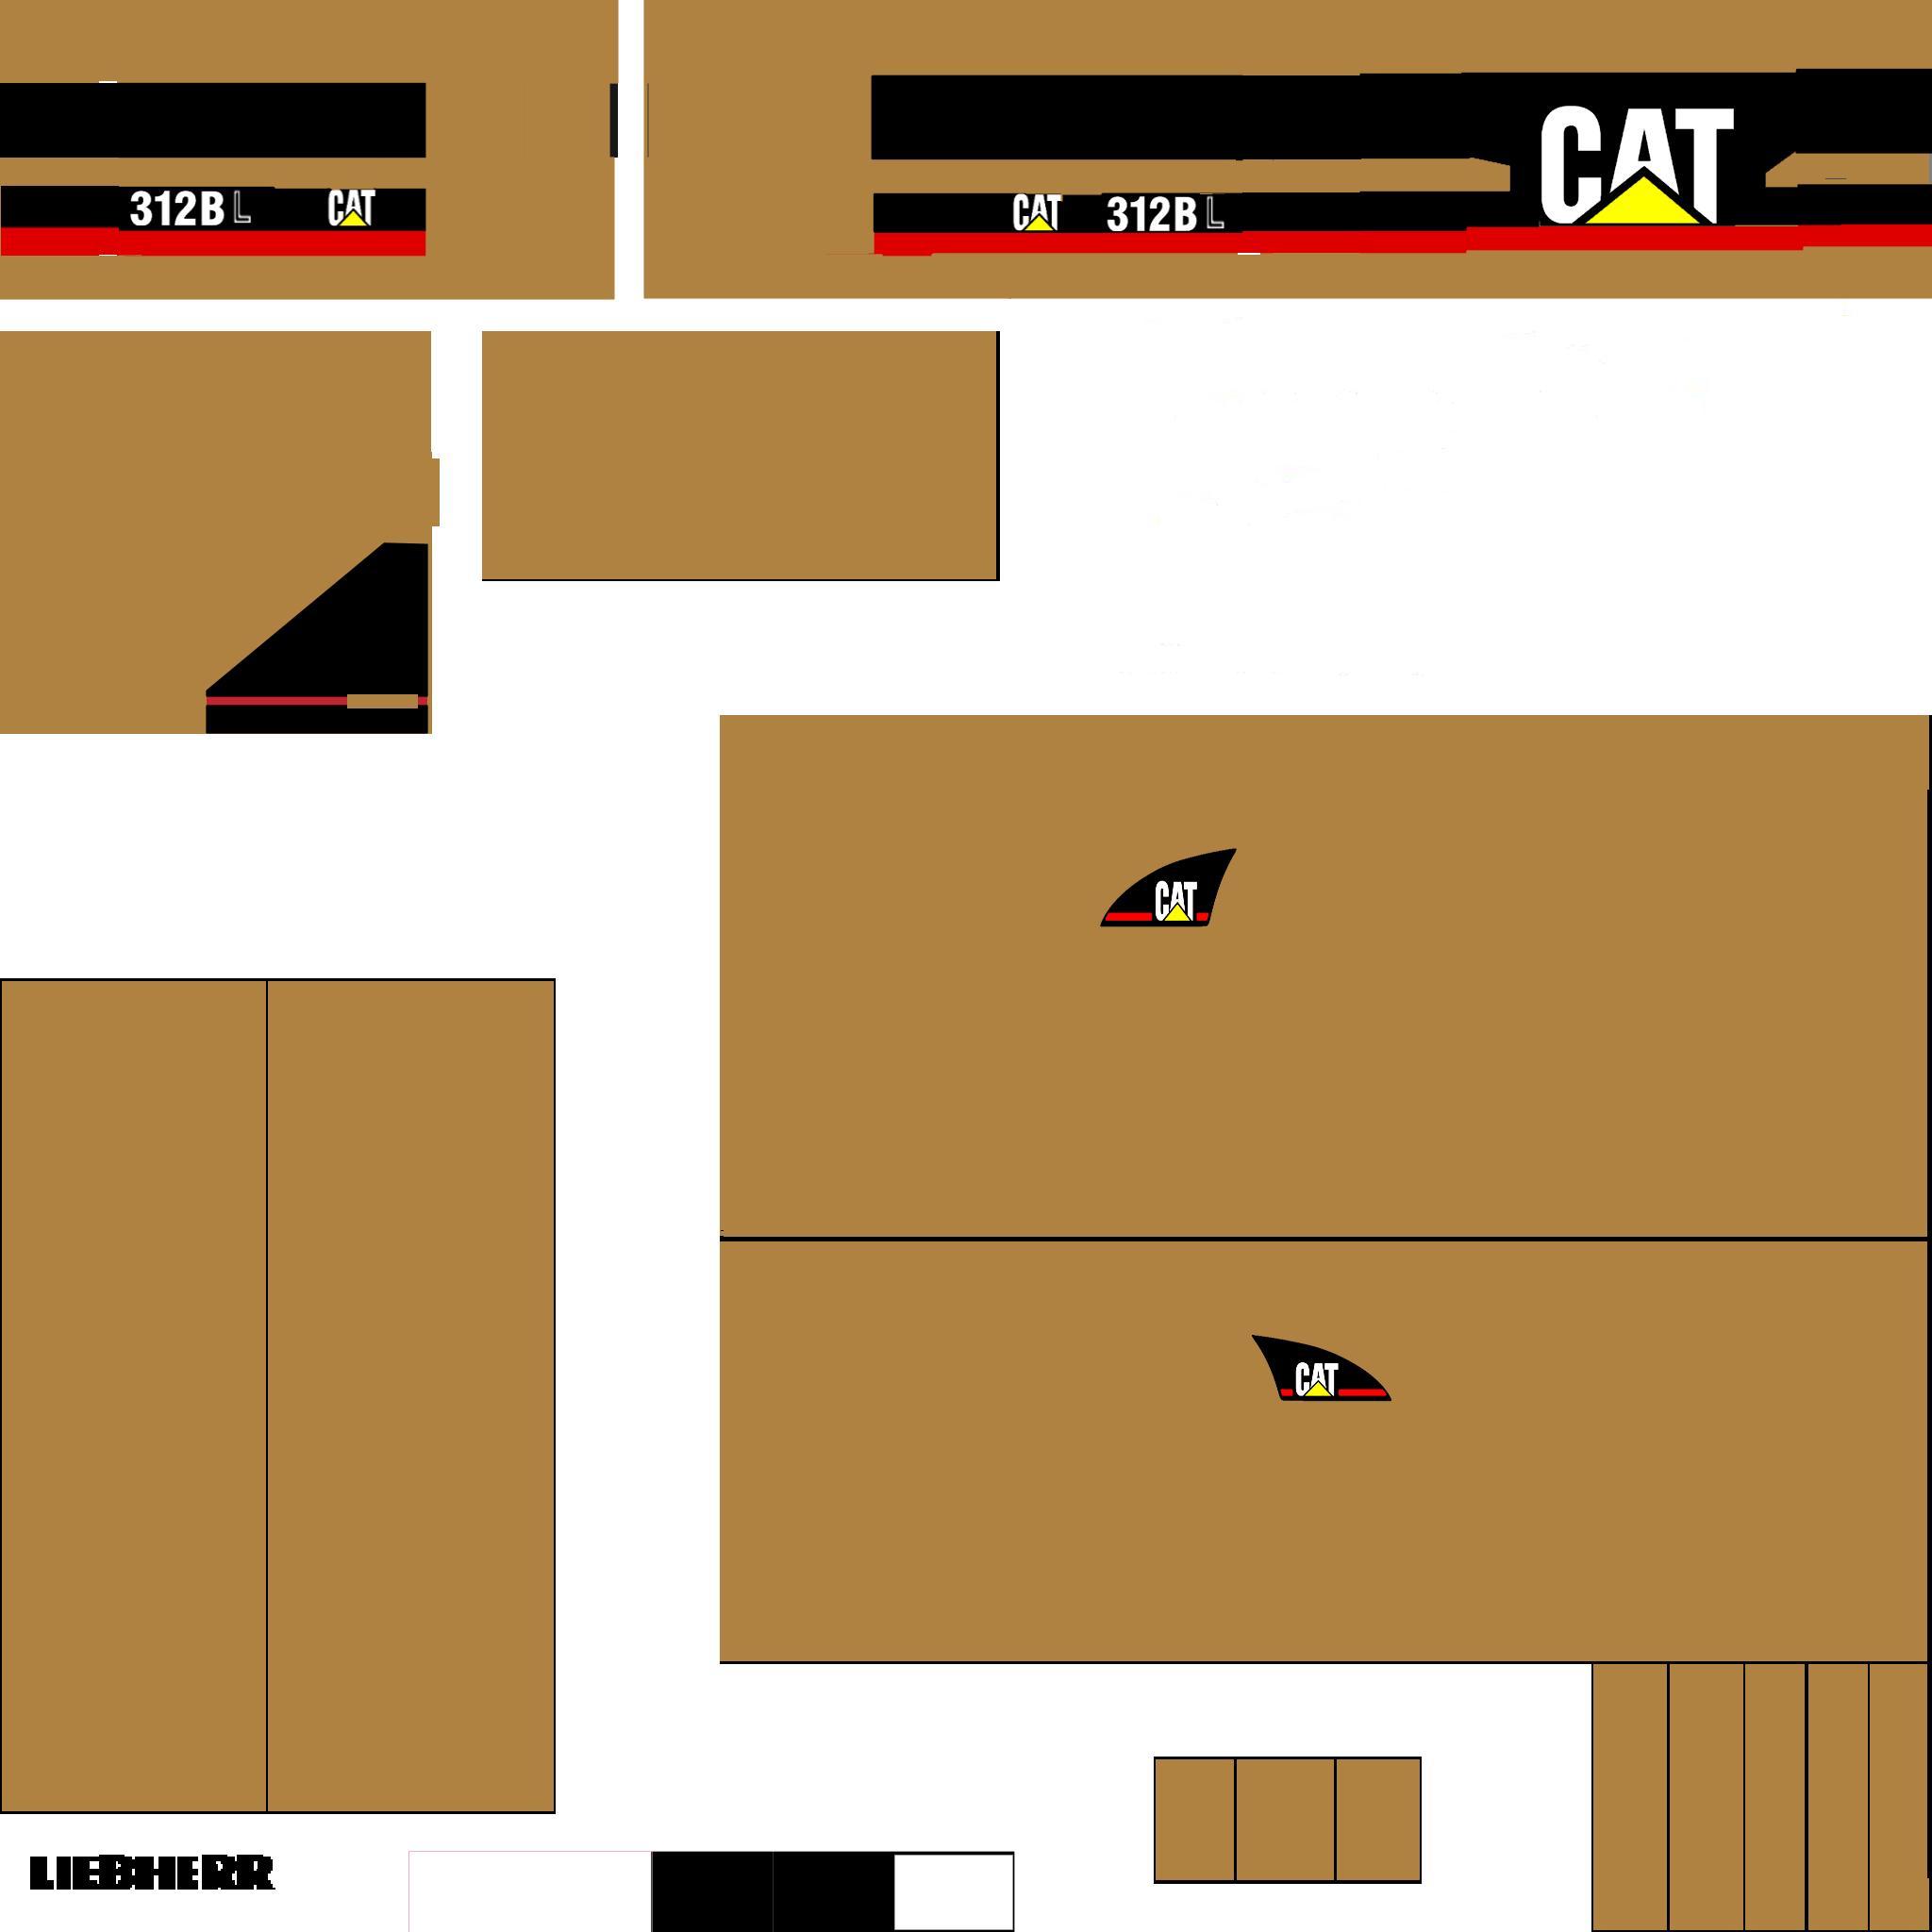 cat-312bl-body-1-0_1